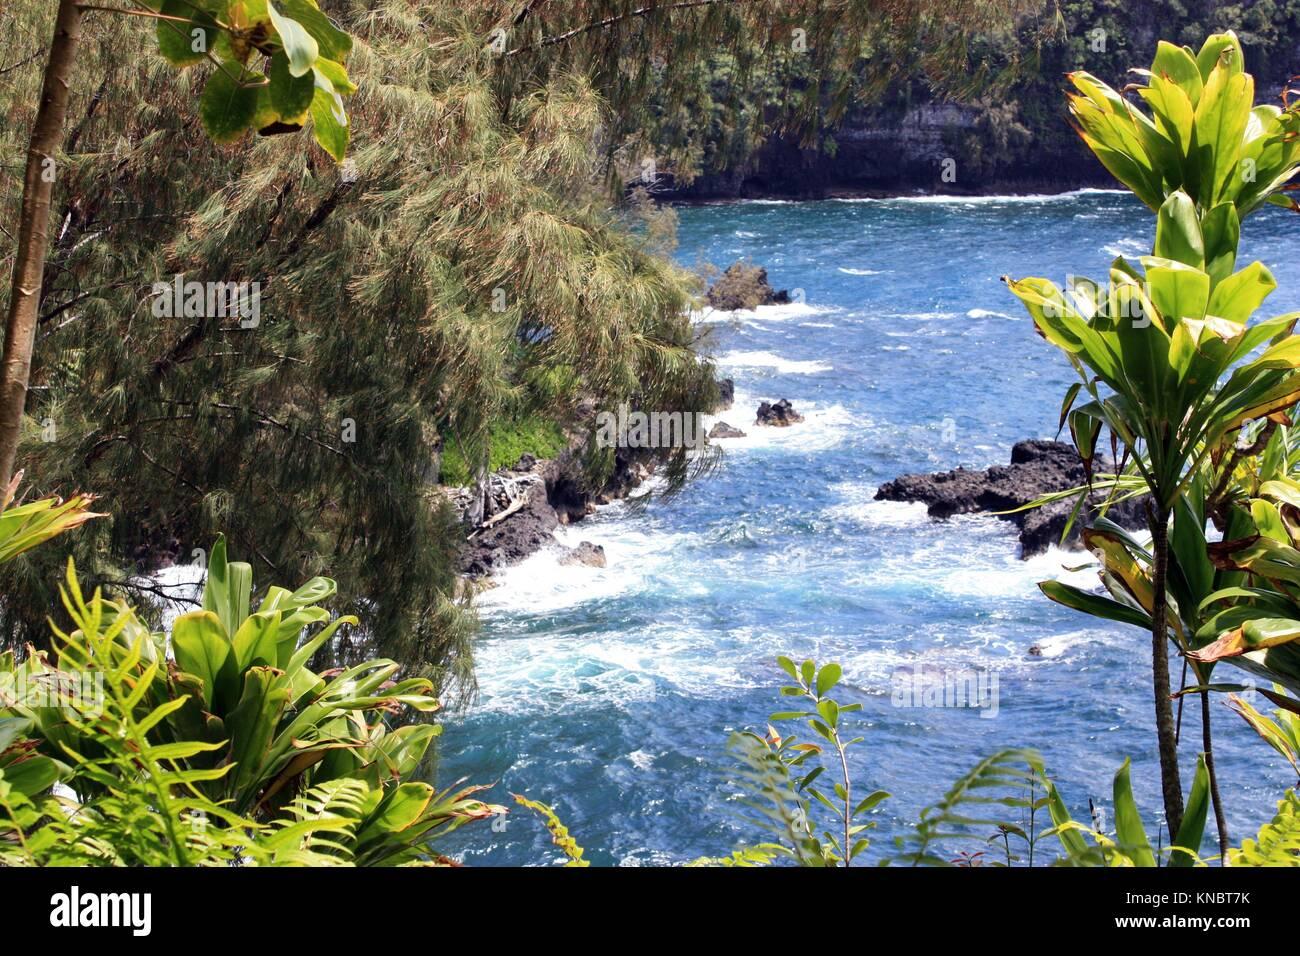 Mirar a través de pinos y árboles de yuca y helechos hasta el Océano Pacífico en la Bahía Onomea en Papaikou, Hawai. Foto de stock